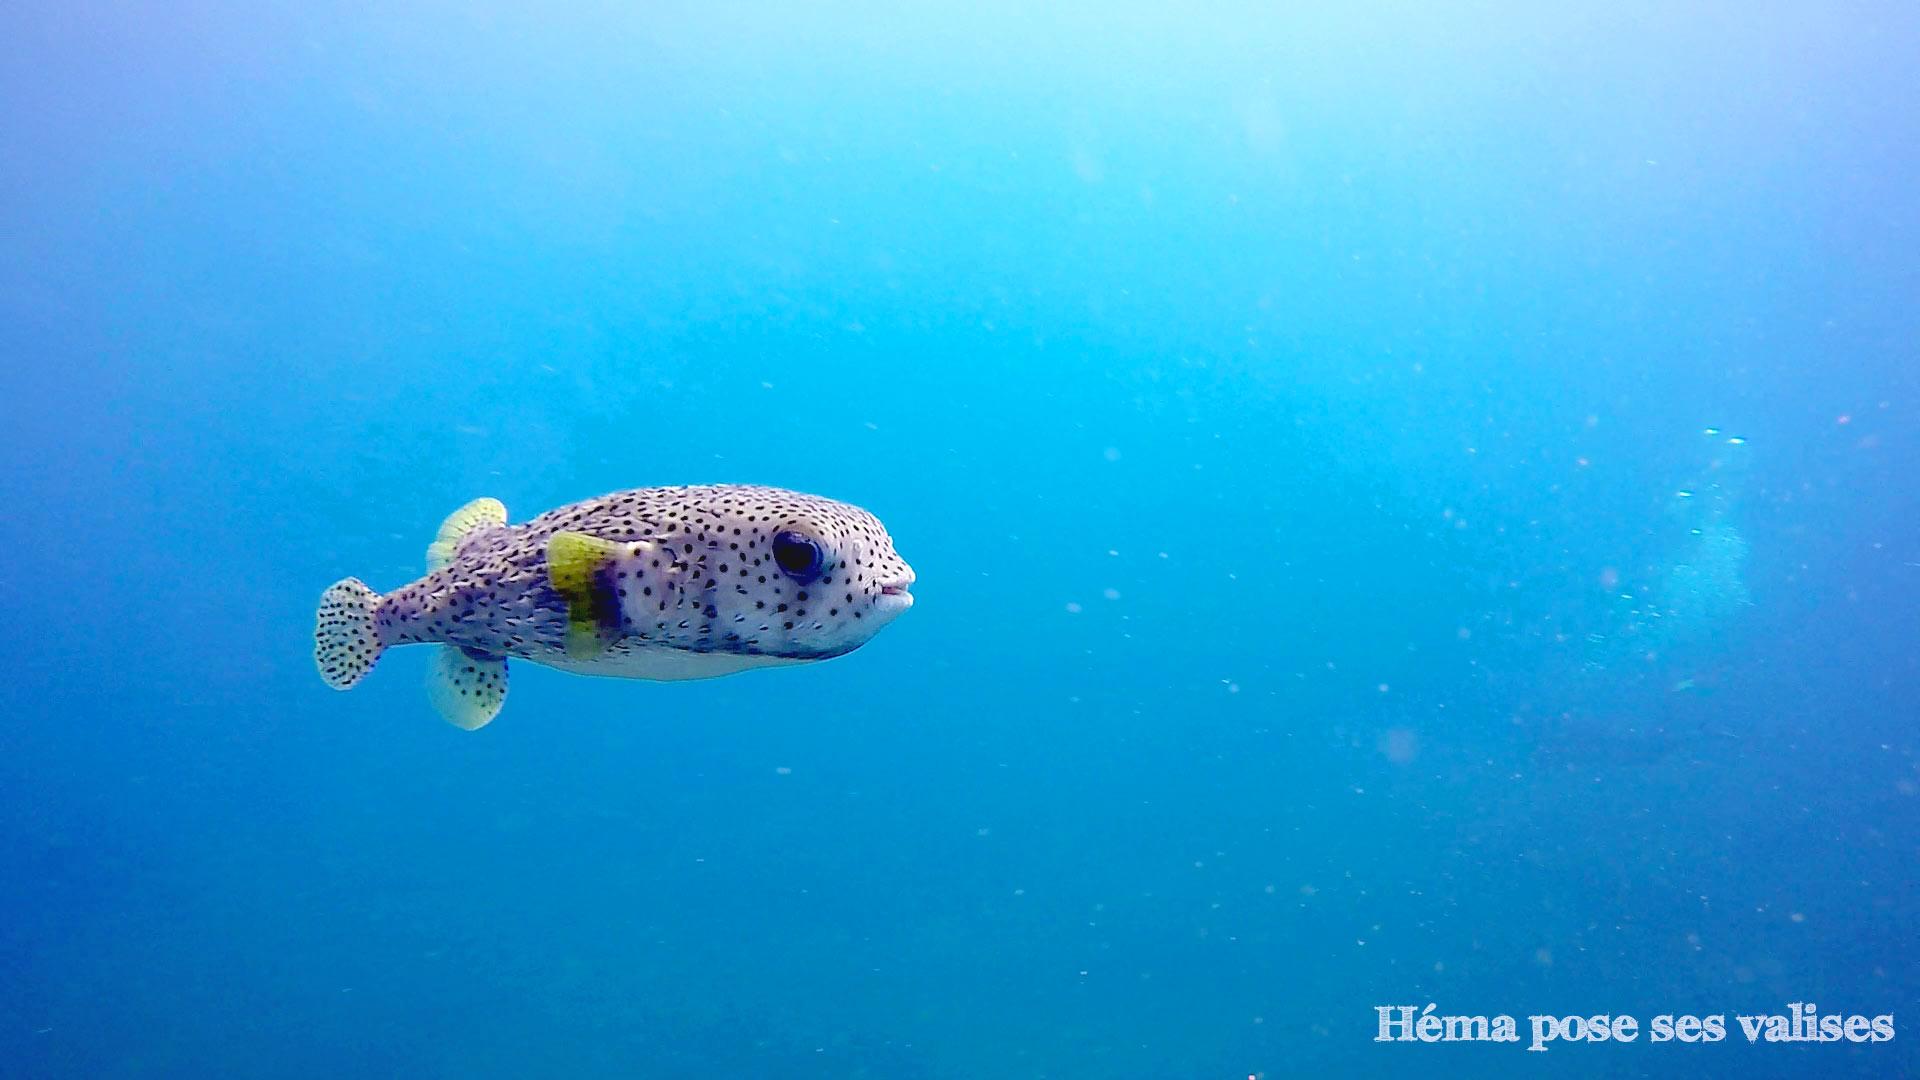 Rencontre avec un poisson ballon lors d'une plongée à La Réunion